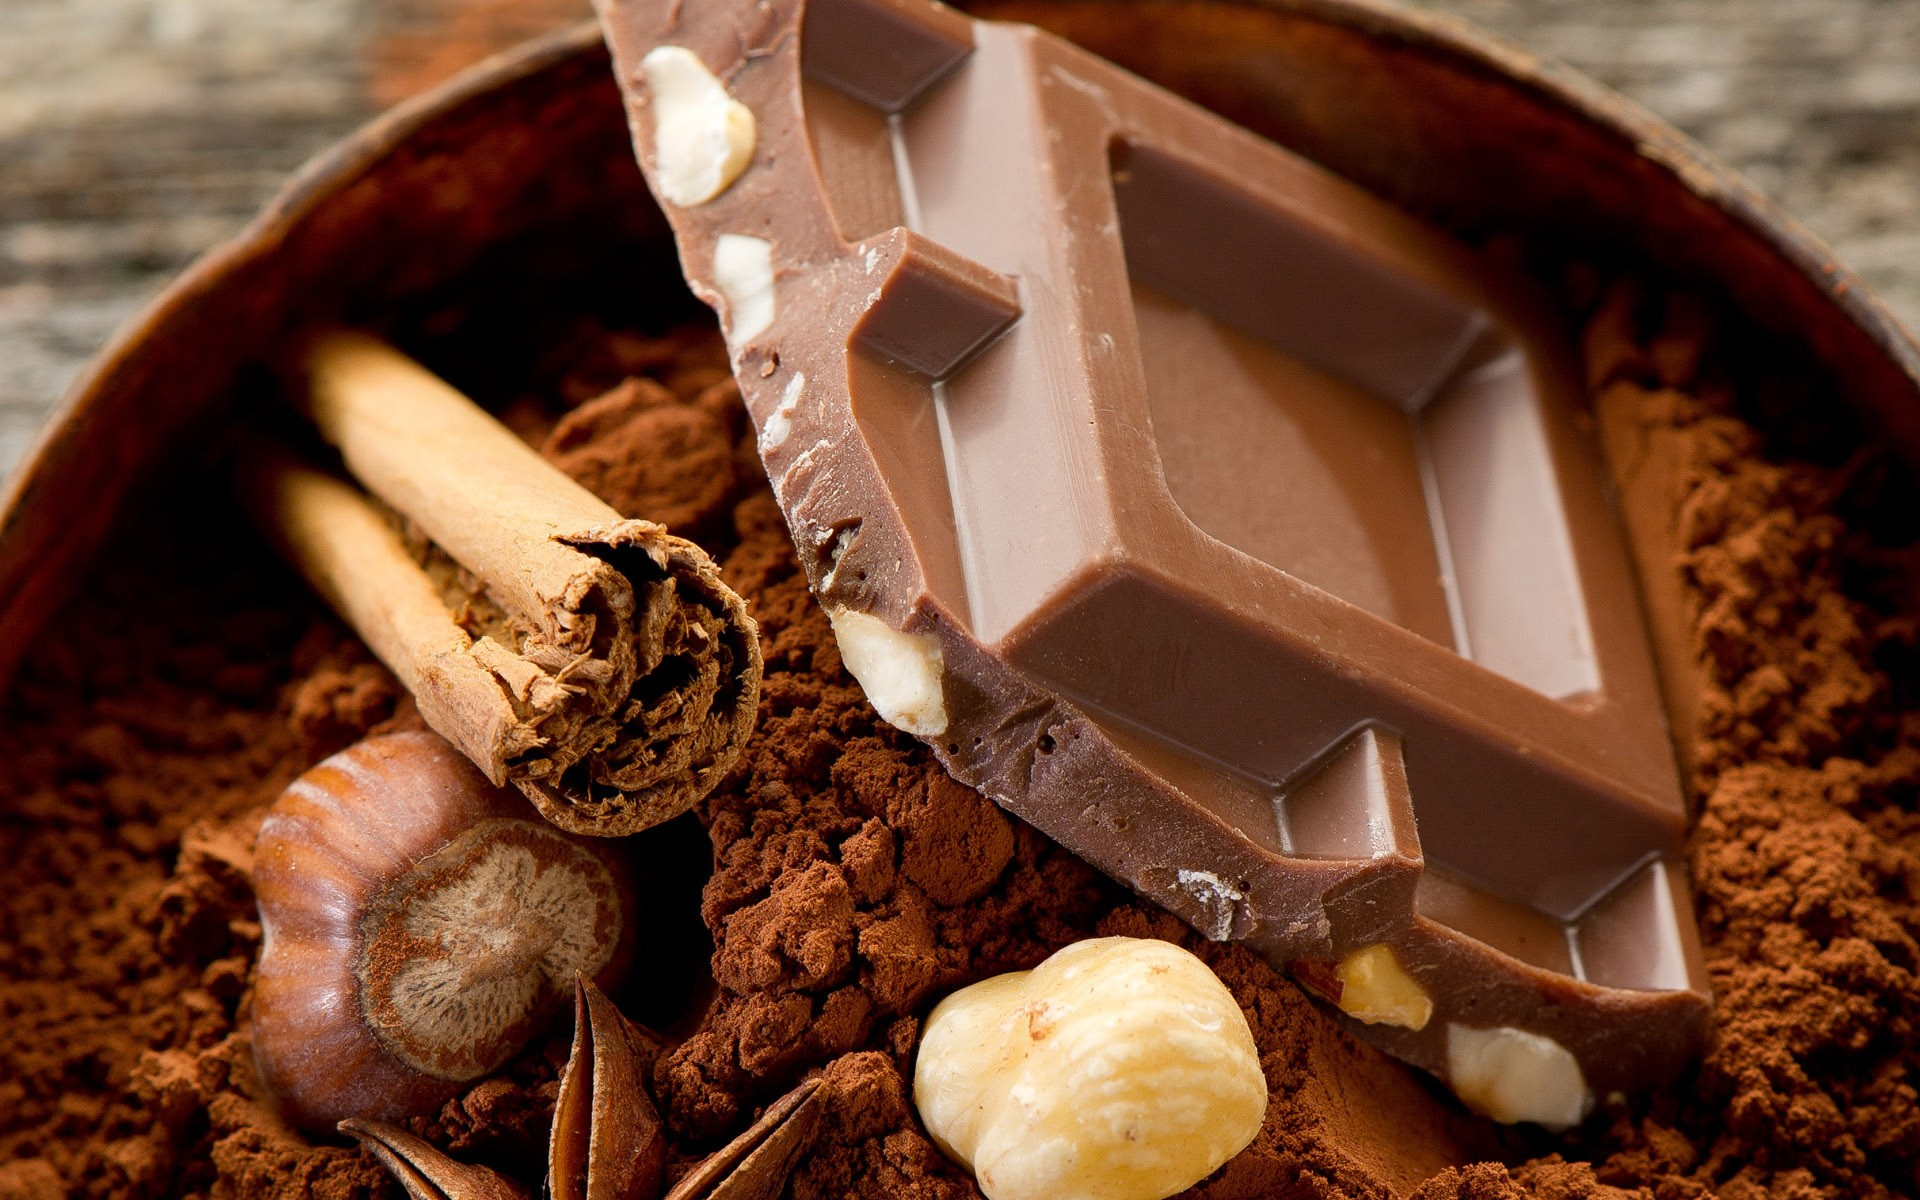 food nuts cinnamon chocolate